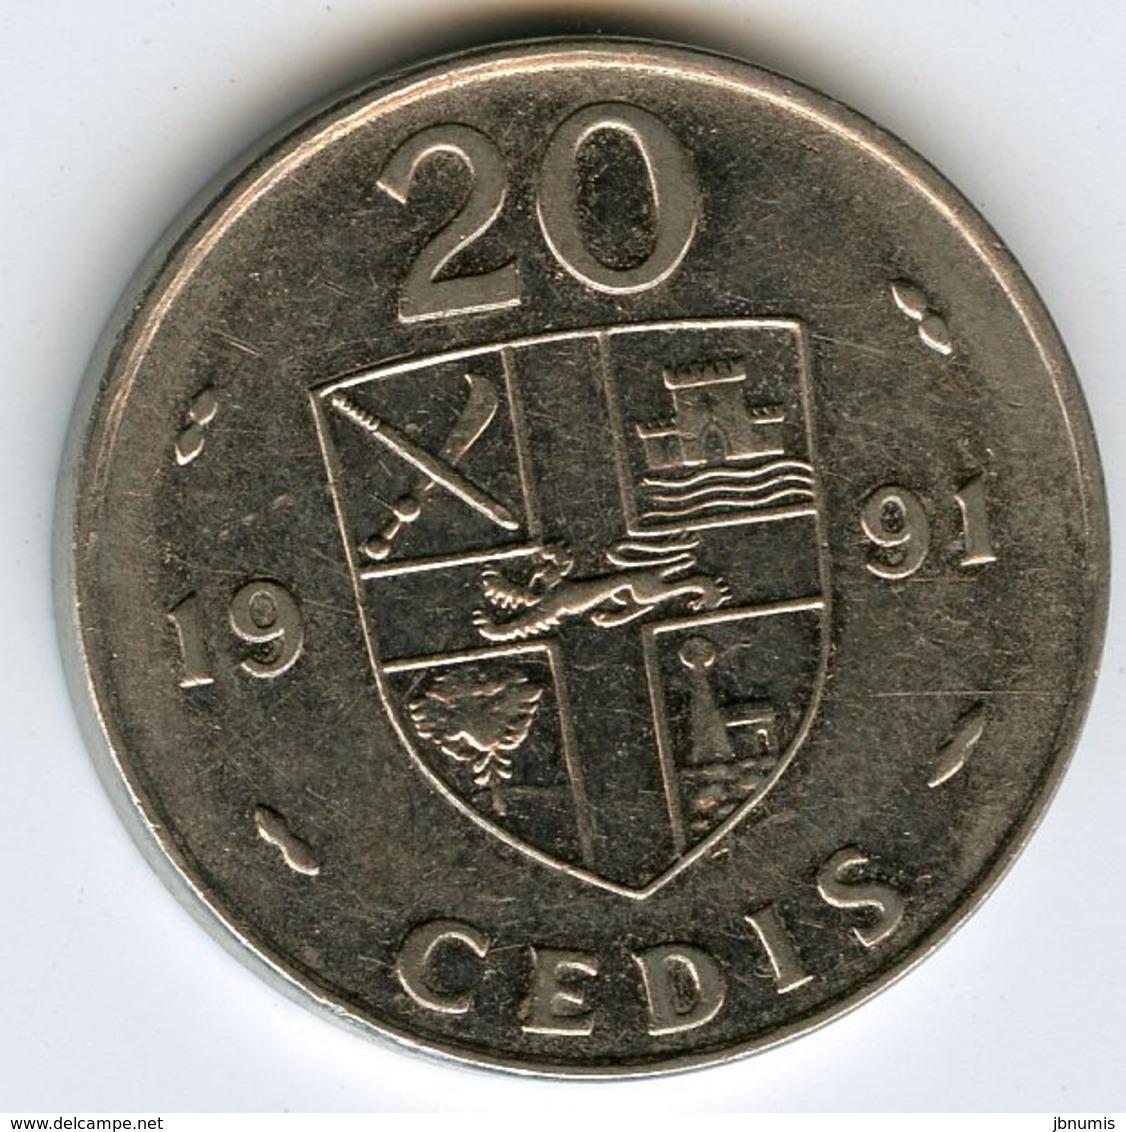 Ghana 20 Cedis 1991 KM 30 - Ghana